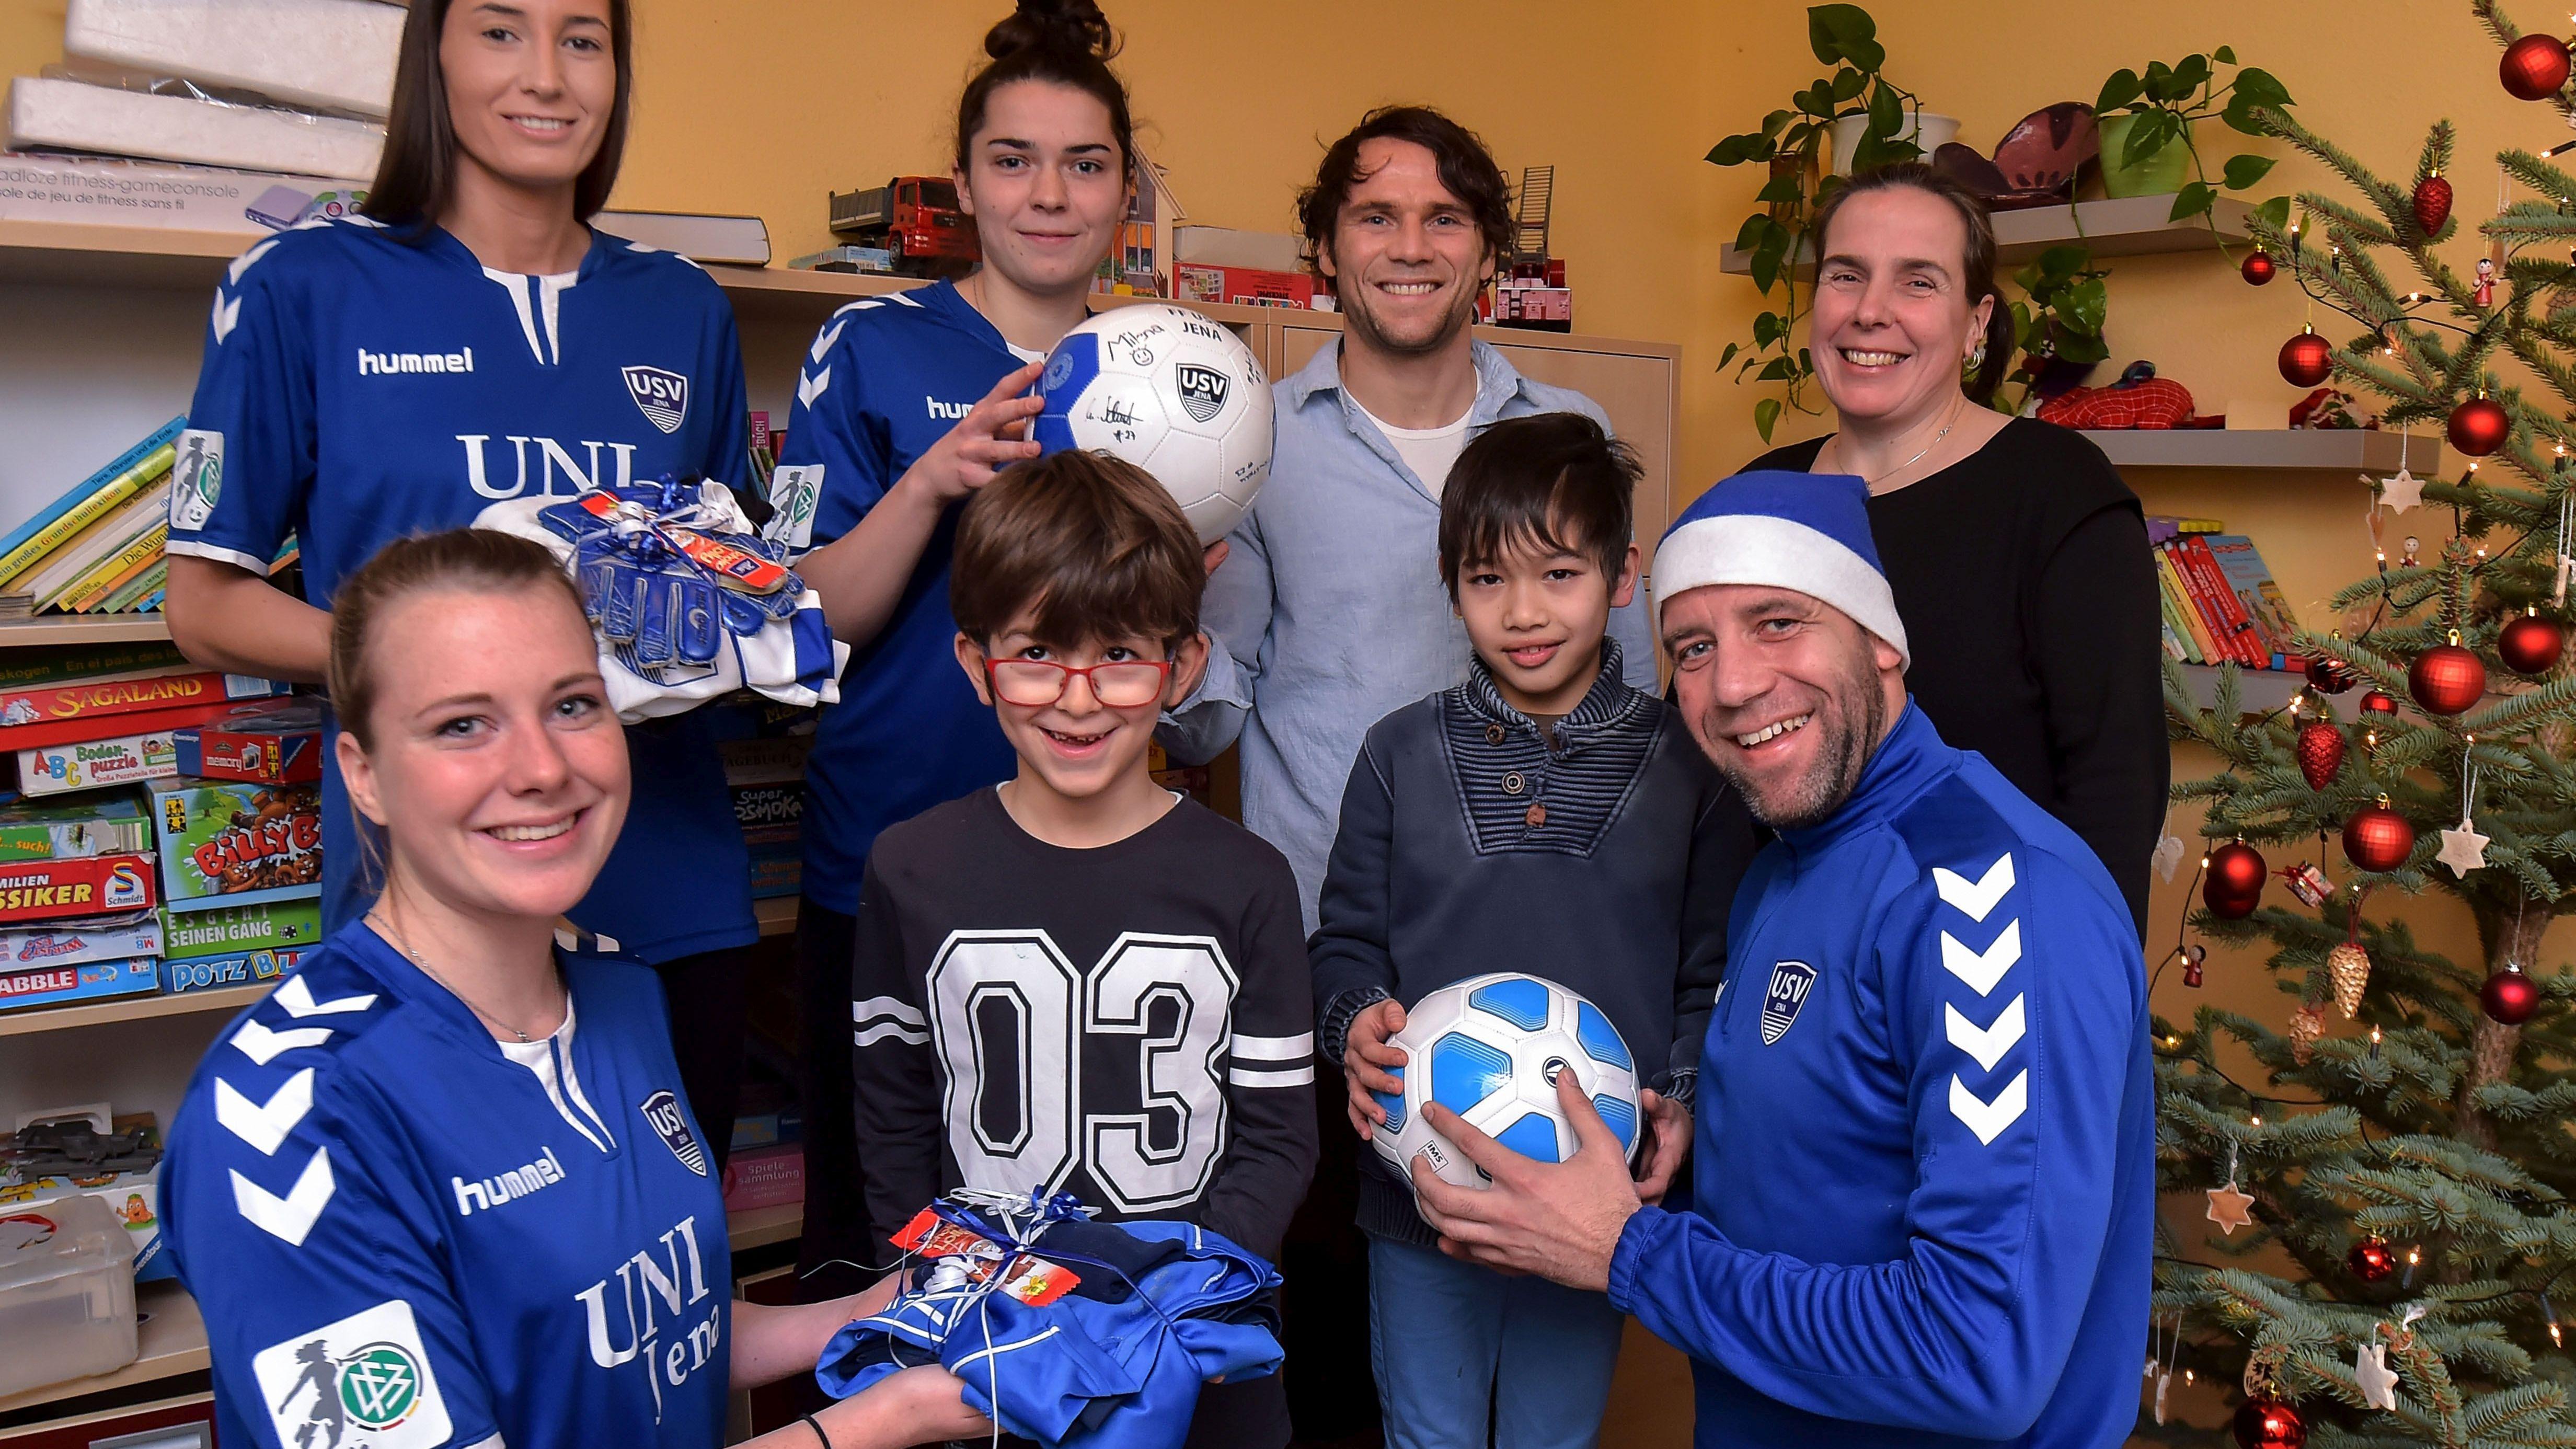 Kinderheim Weihnachtsgeschenke.Fußballerinnen Verteilten Weihnachtsgeschenke Im Kinderheim Jena